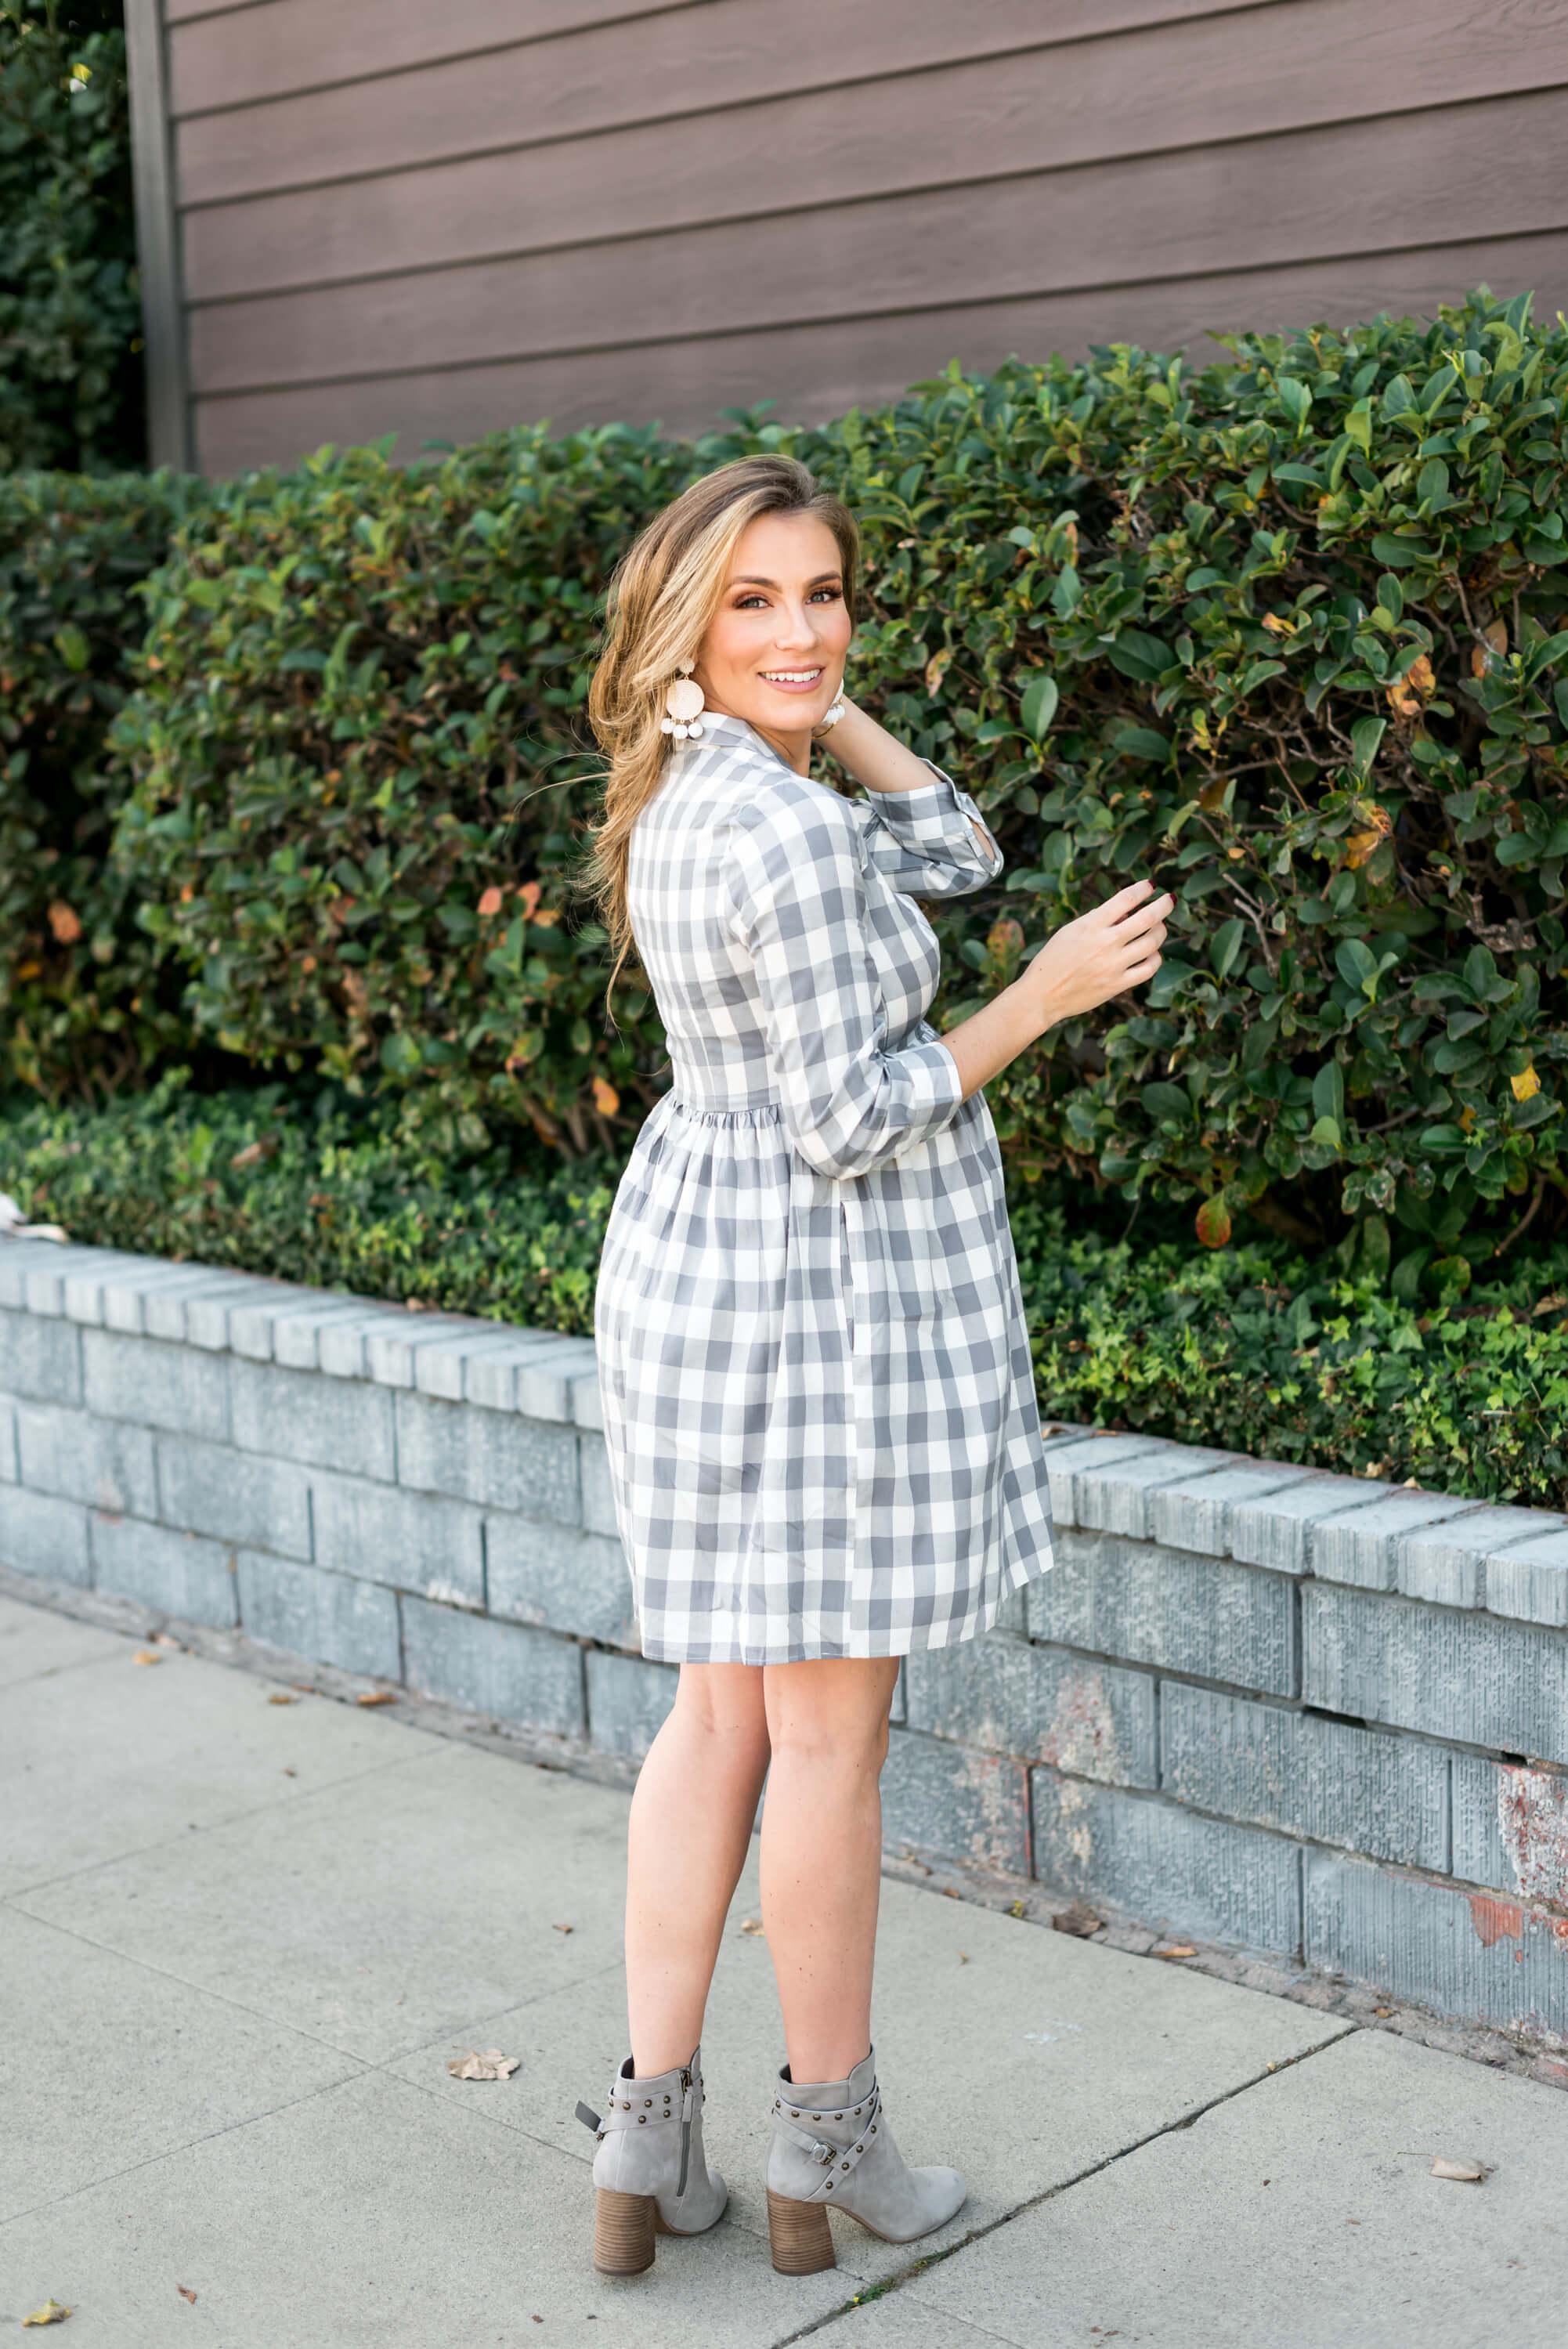 maternity pregnancy fashion style ootd angela lanter hello gorgeous